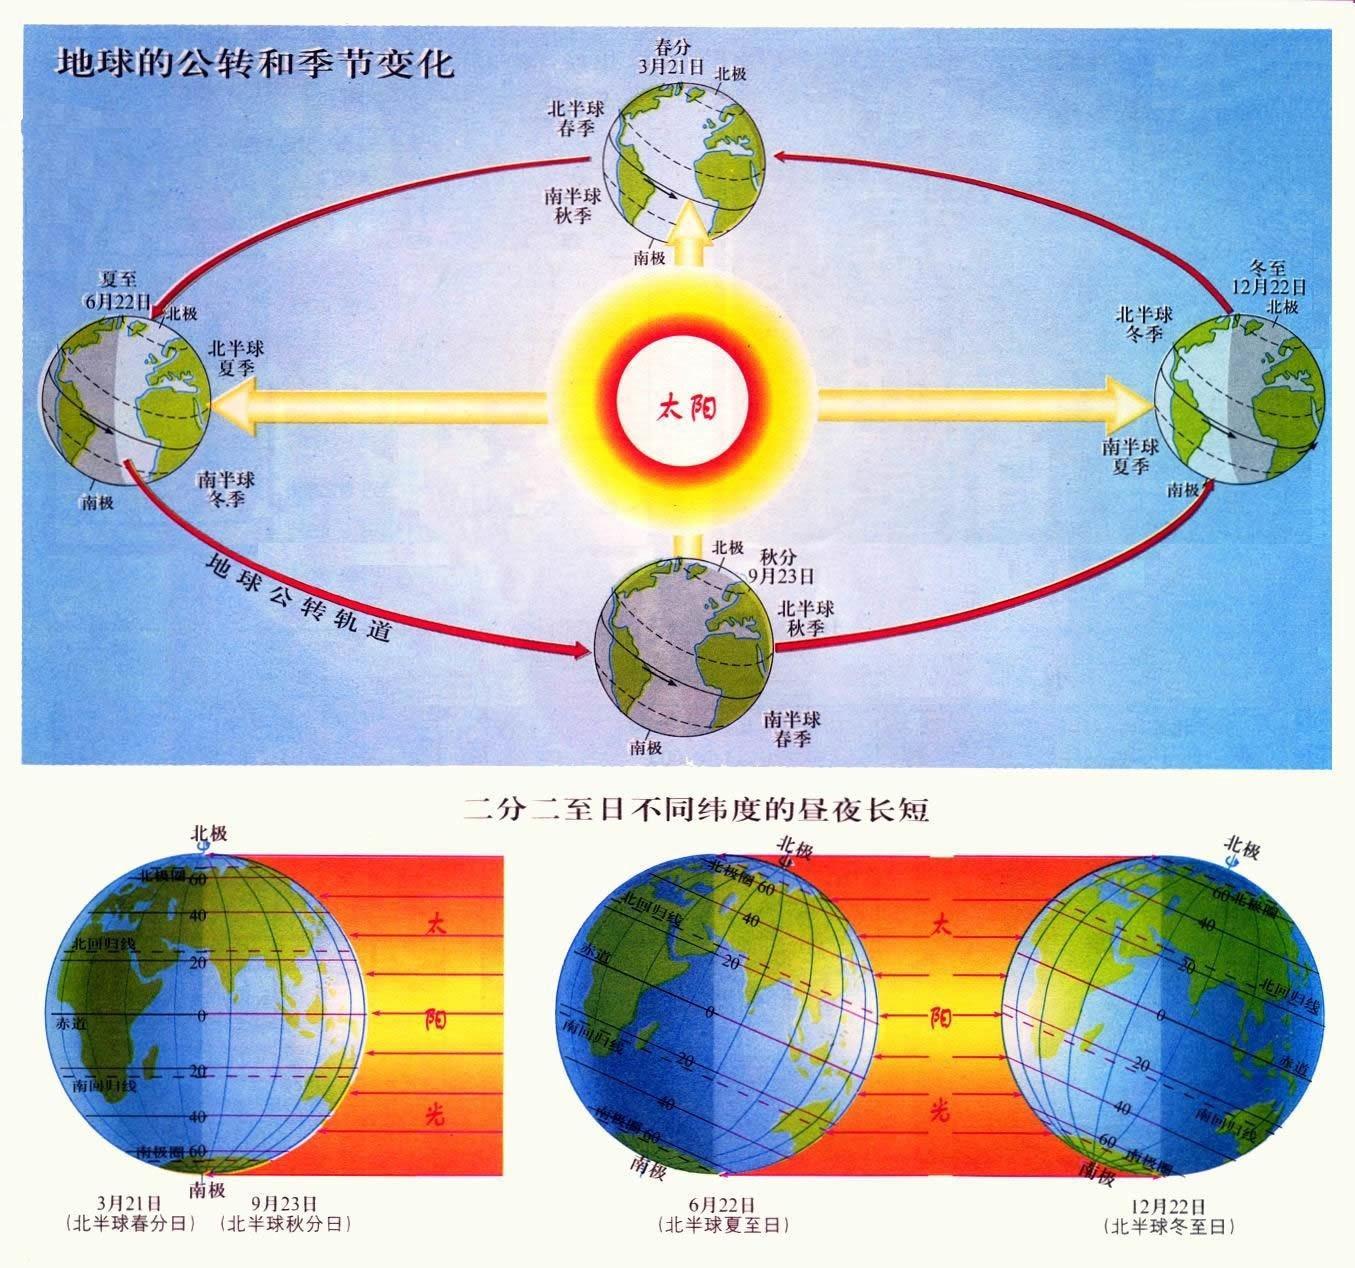 地球平面图高清图片素材-高清图片-百图汇设计素材